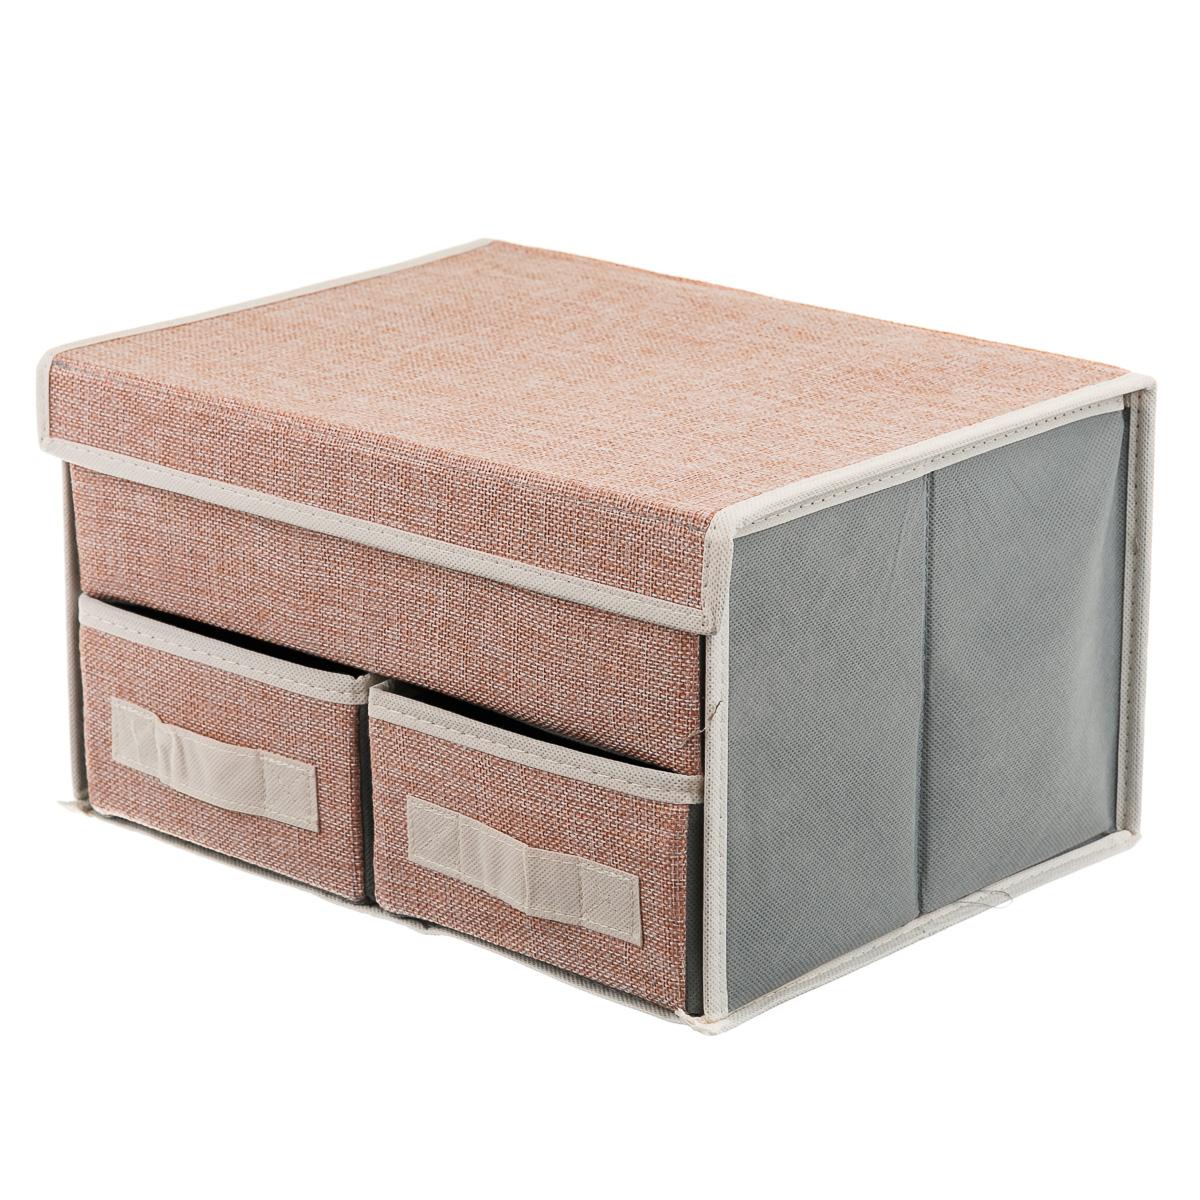 Коробка текстильная для хранения вещей, с 3 отделениями, розовая.